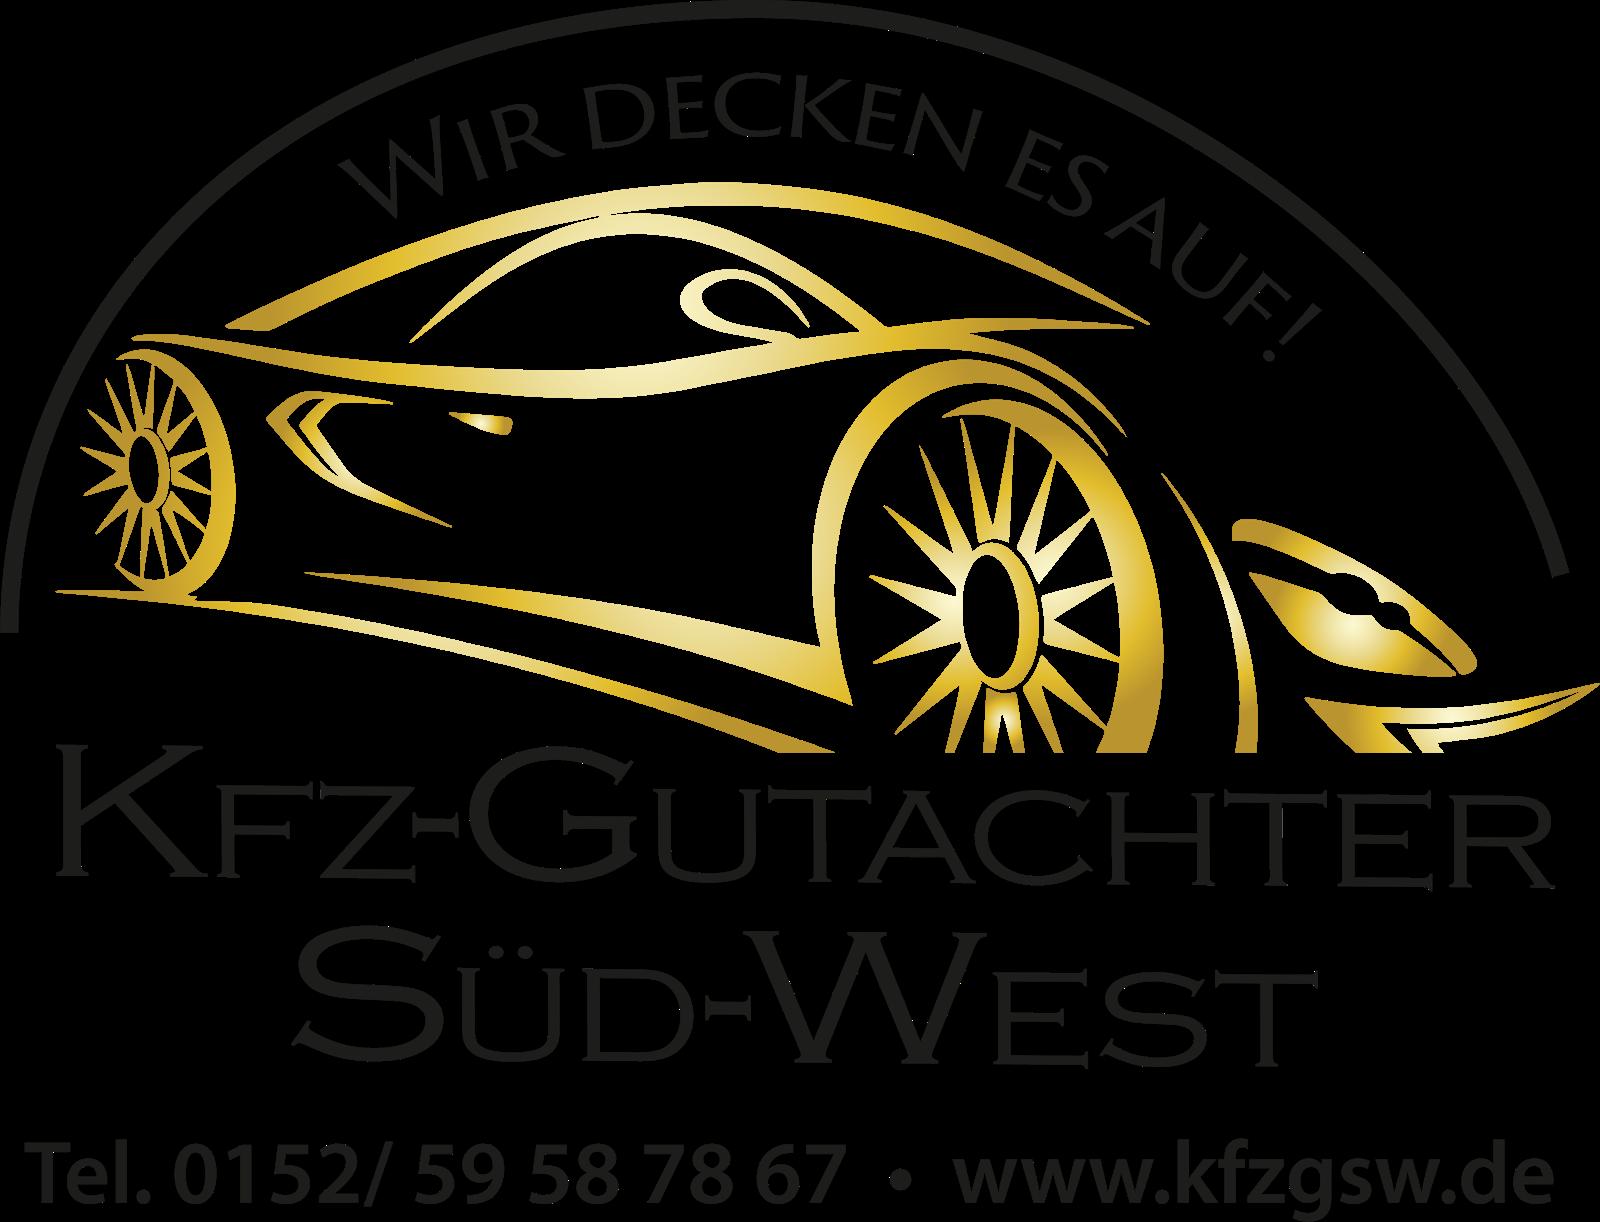 KFZ-Gutachter Süd-West